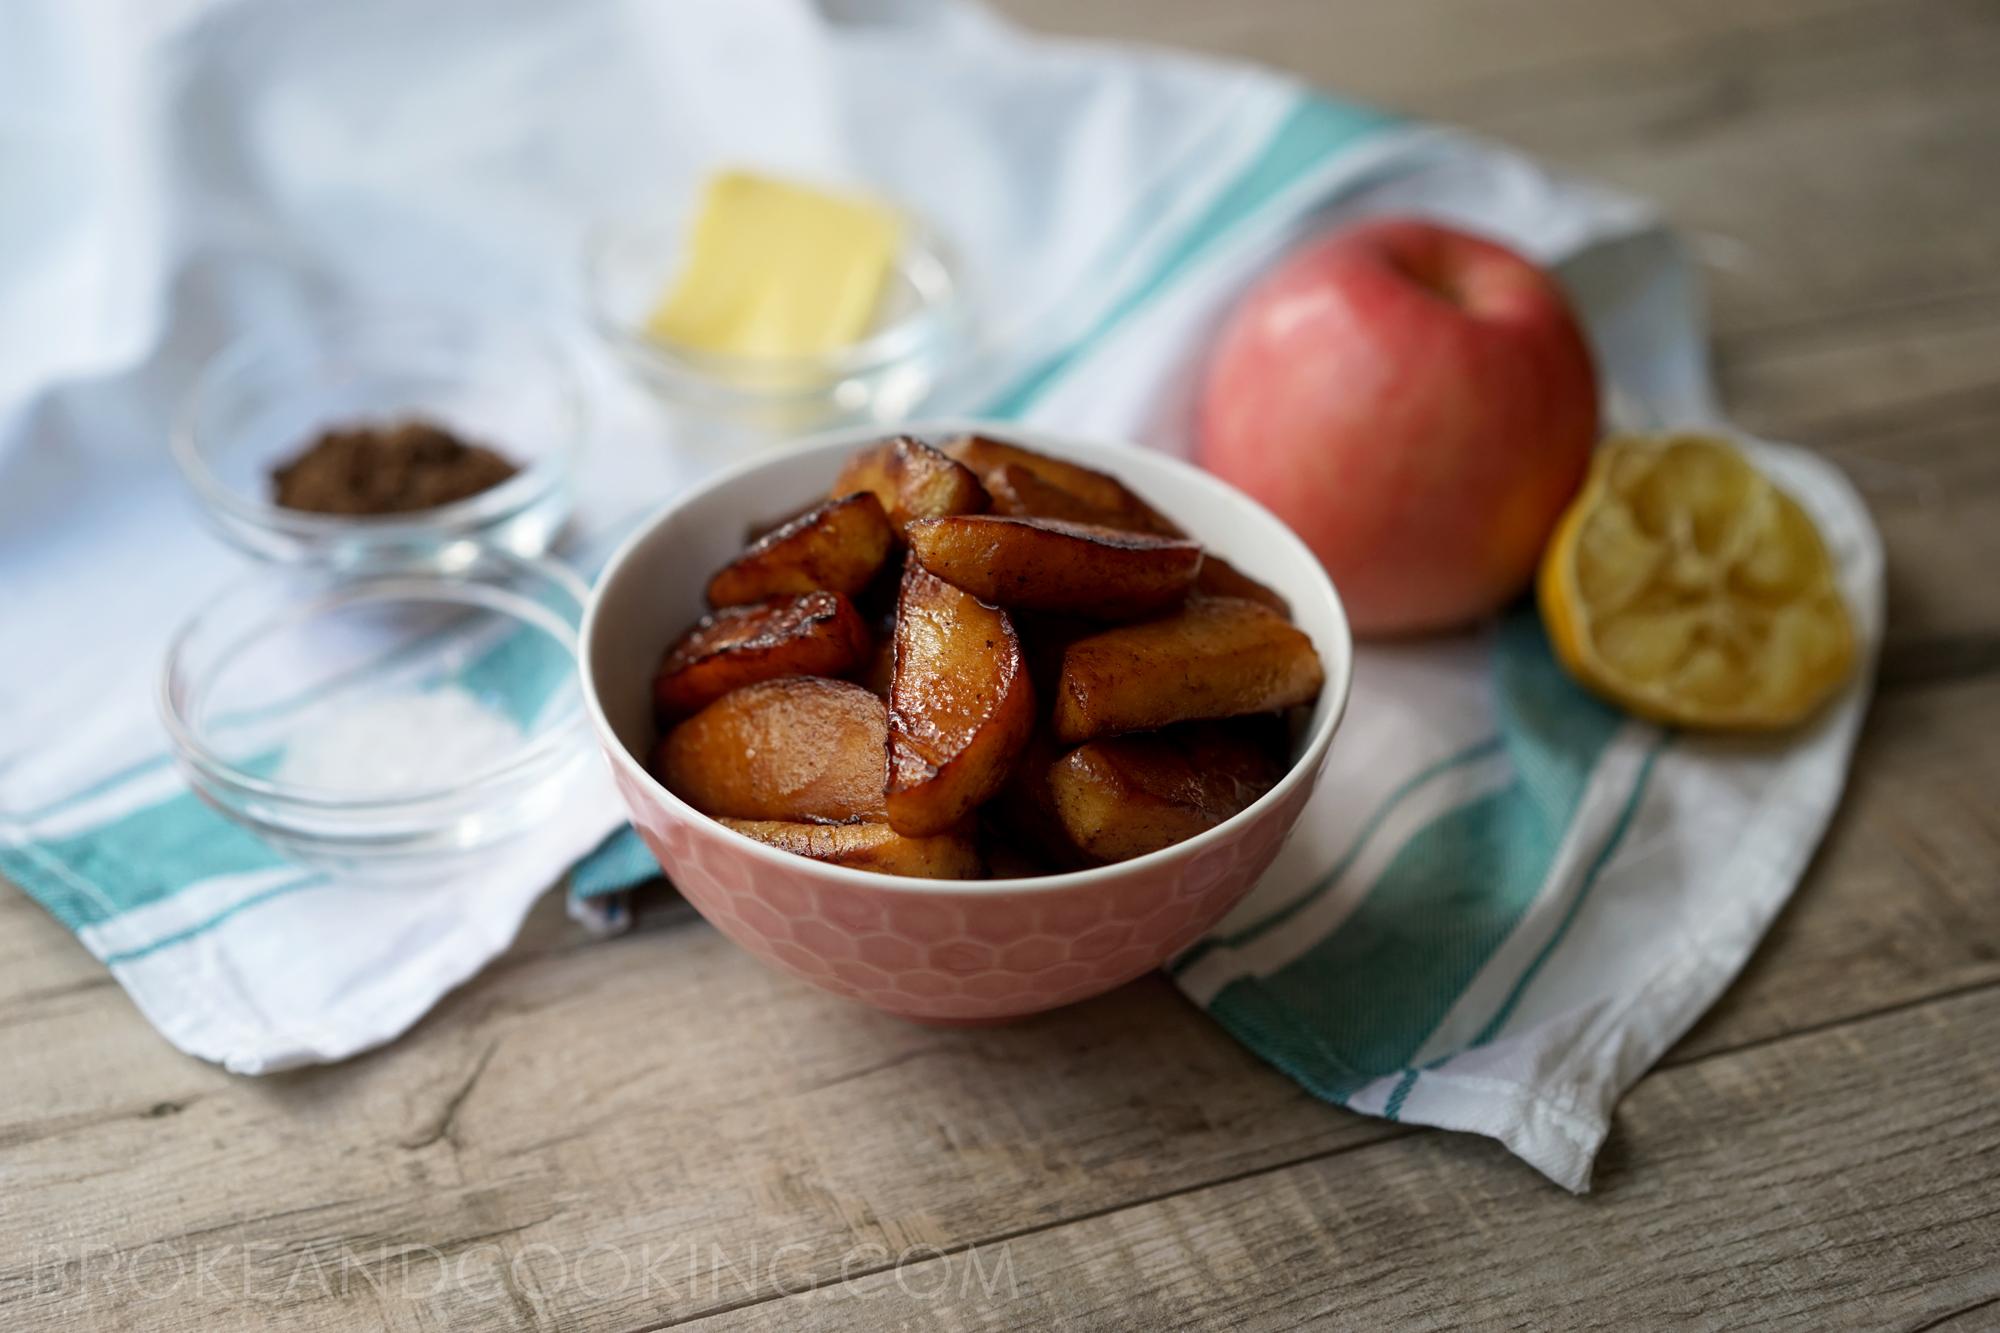 Cinnamon spiced apples!